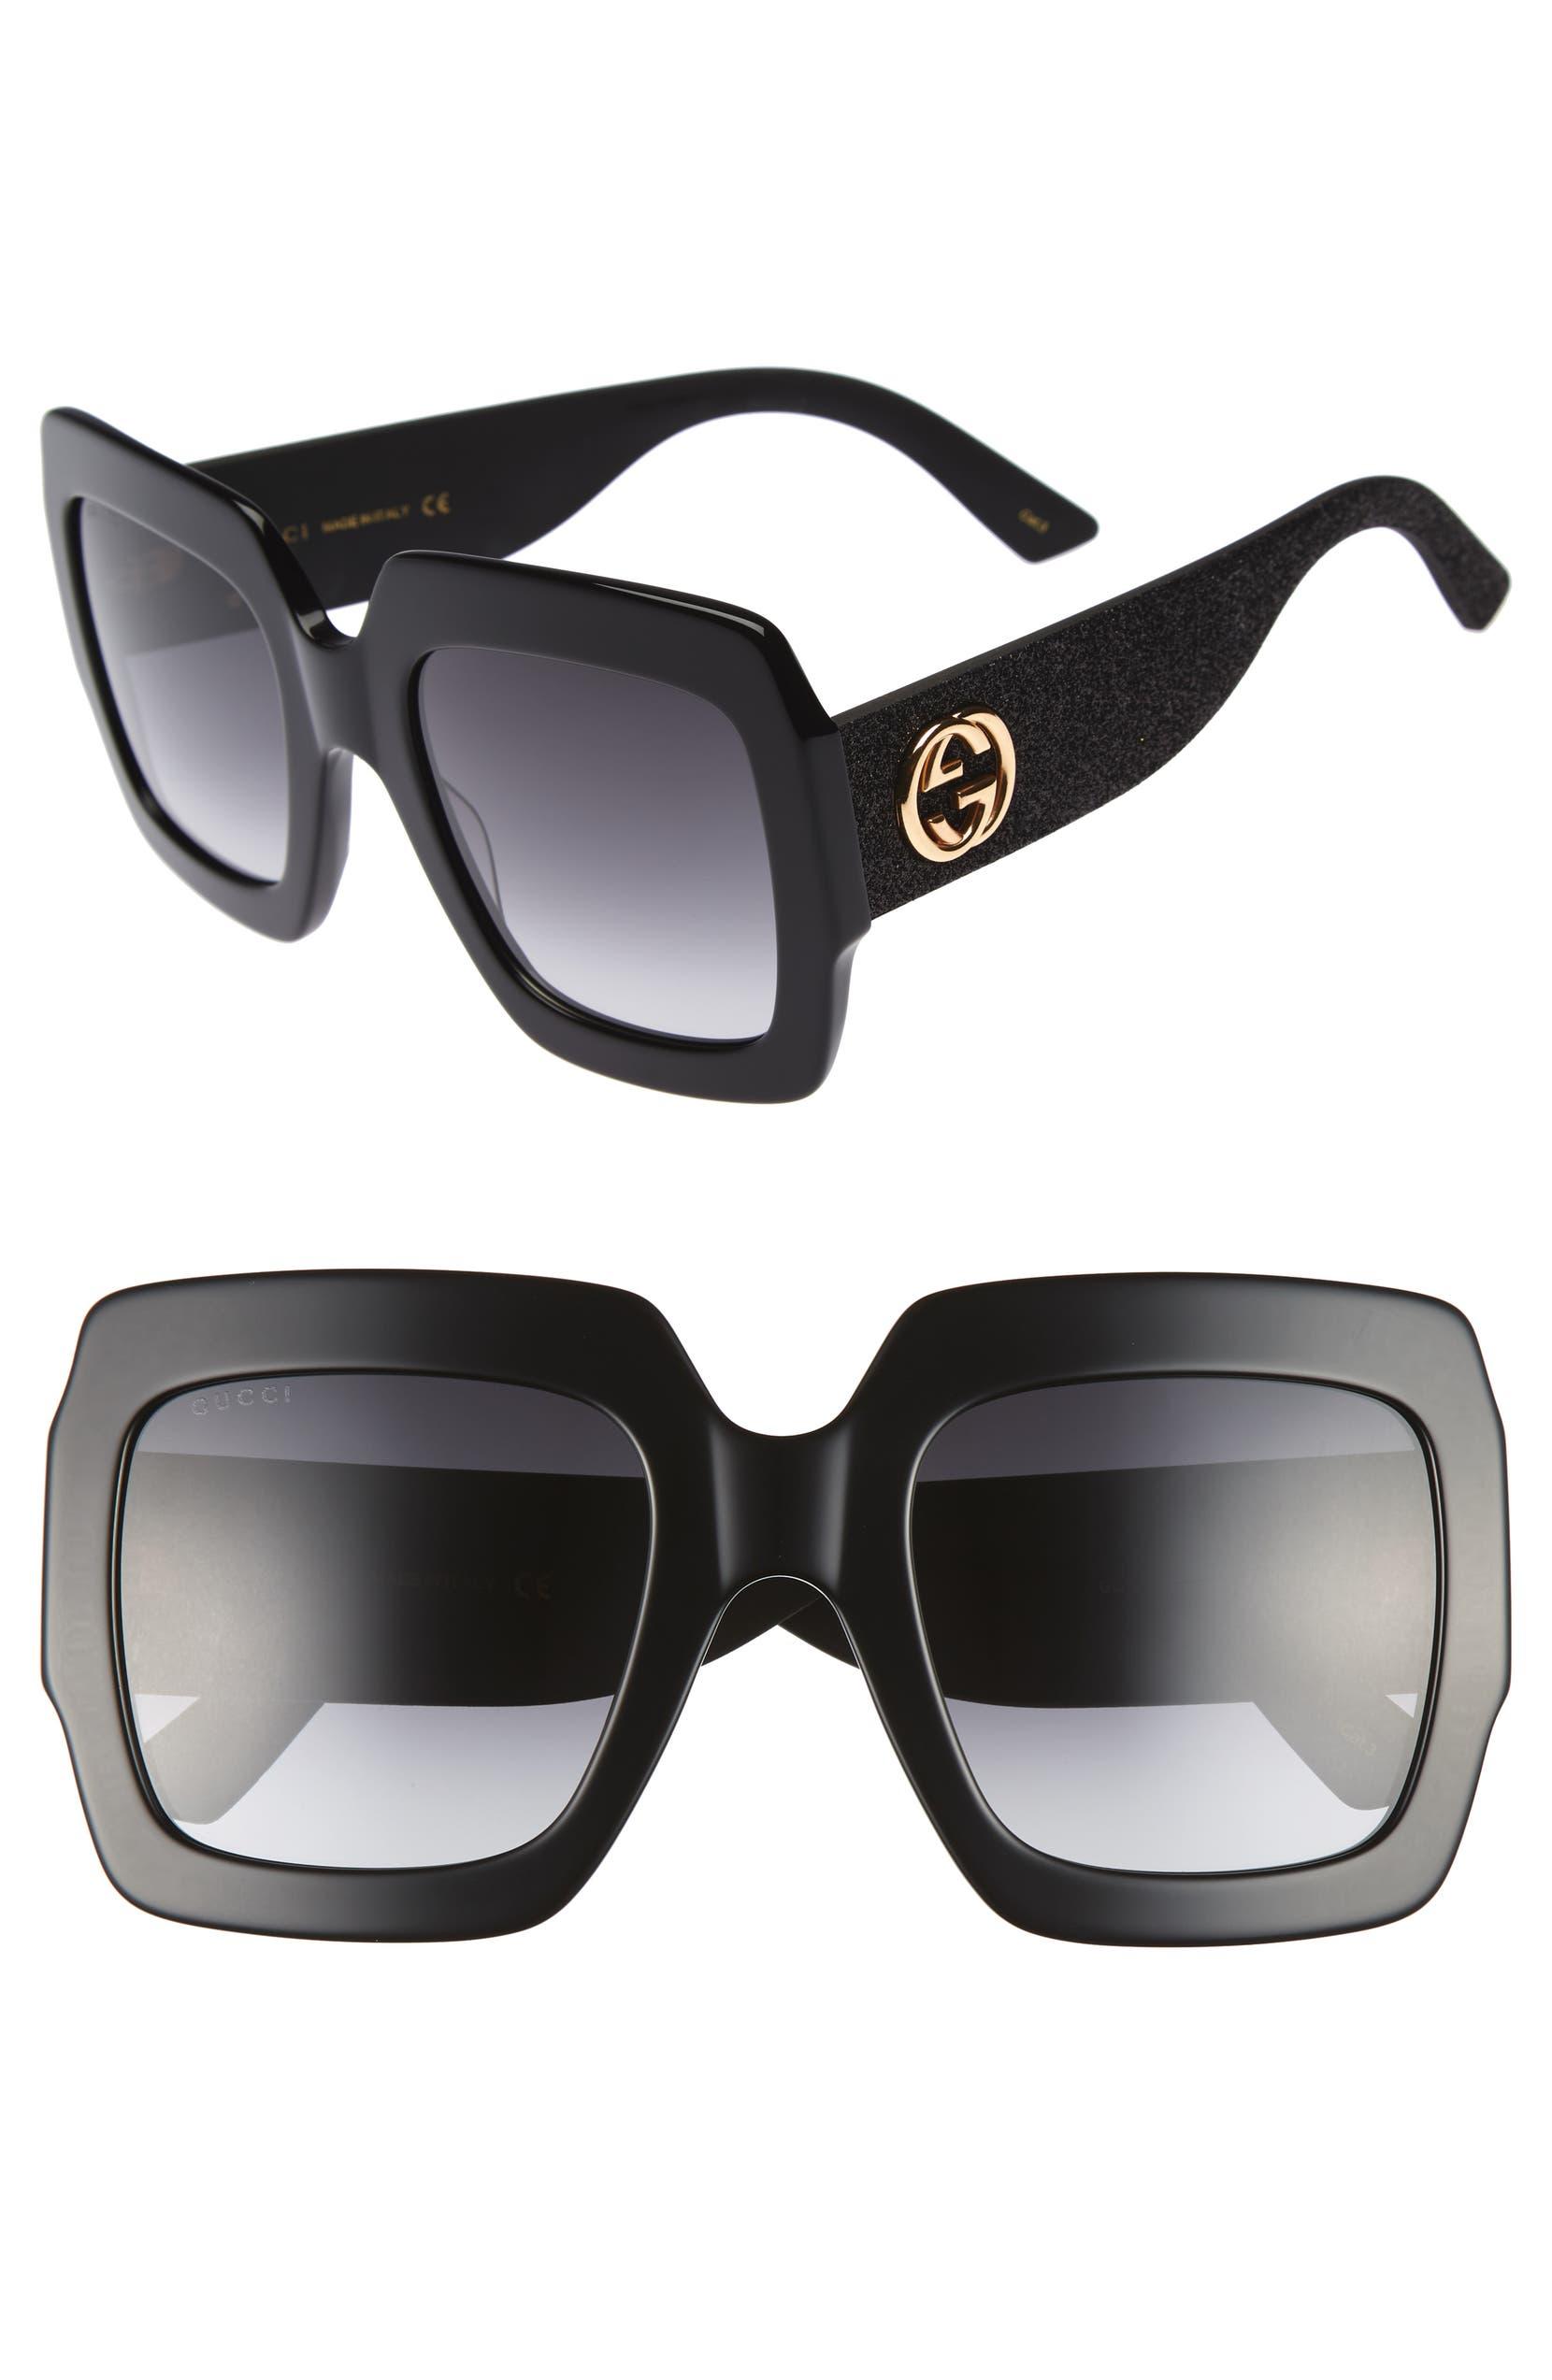 0a7299e3ce1a Gucci 54mm Square Sunglasses | Nordstrom